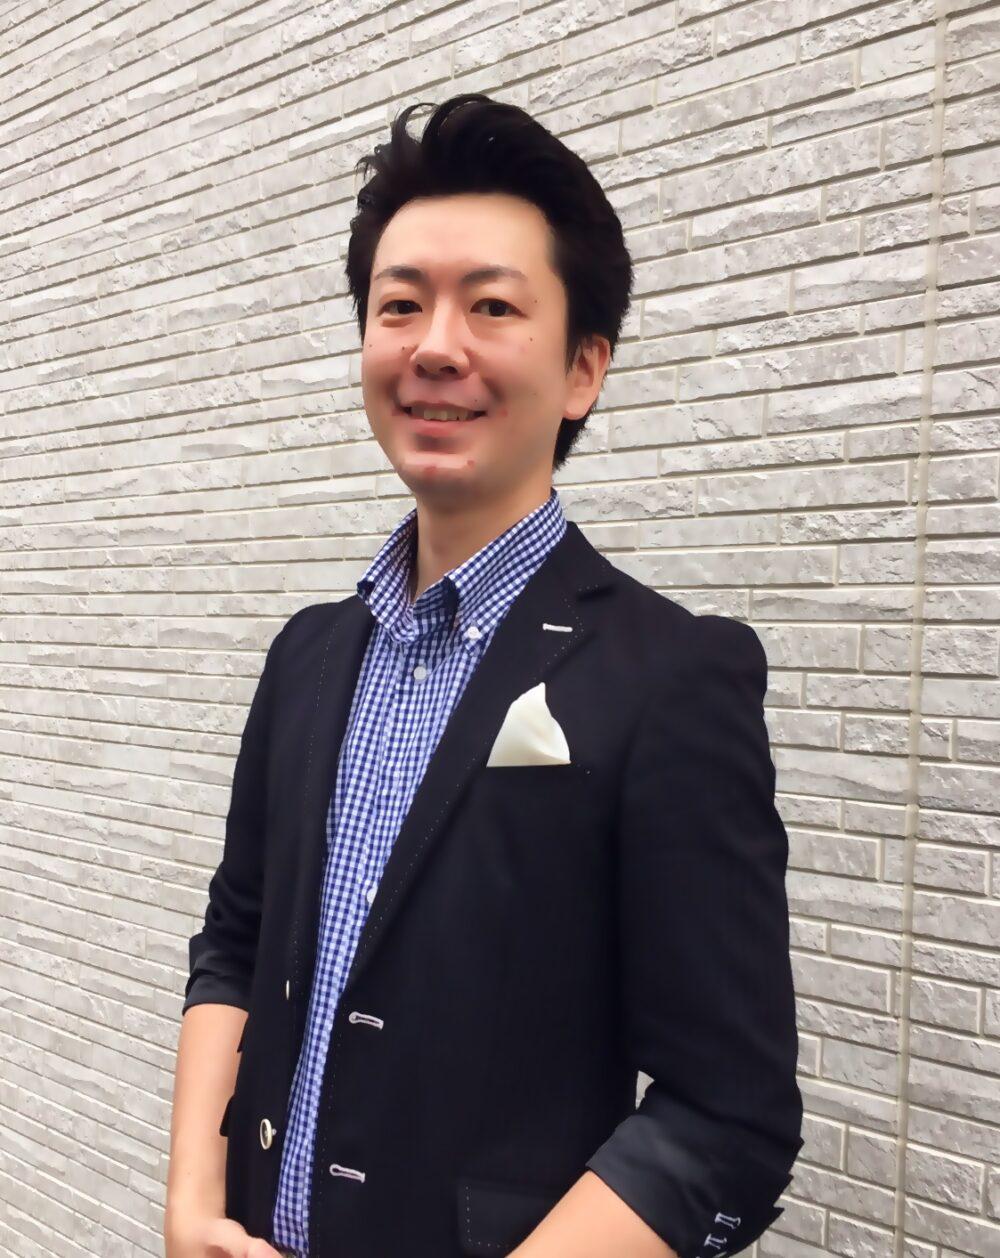 Kazutomo